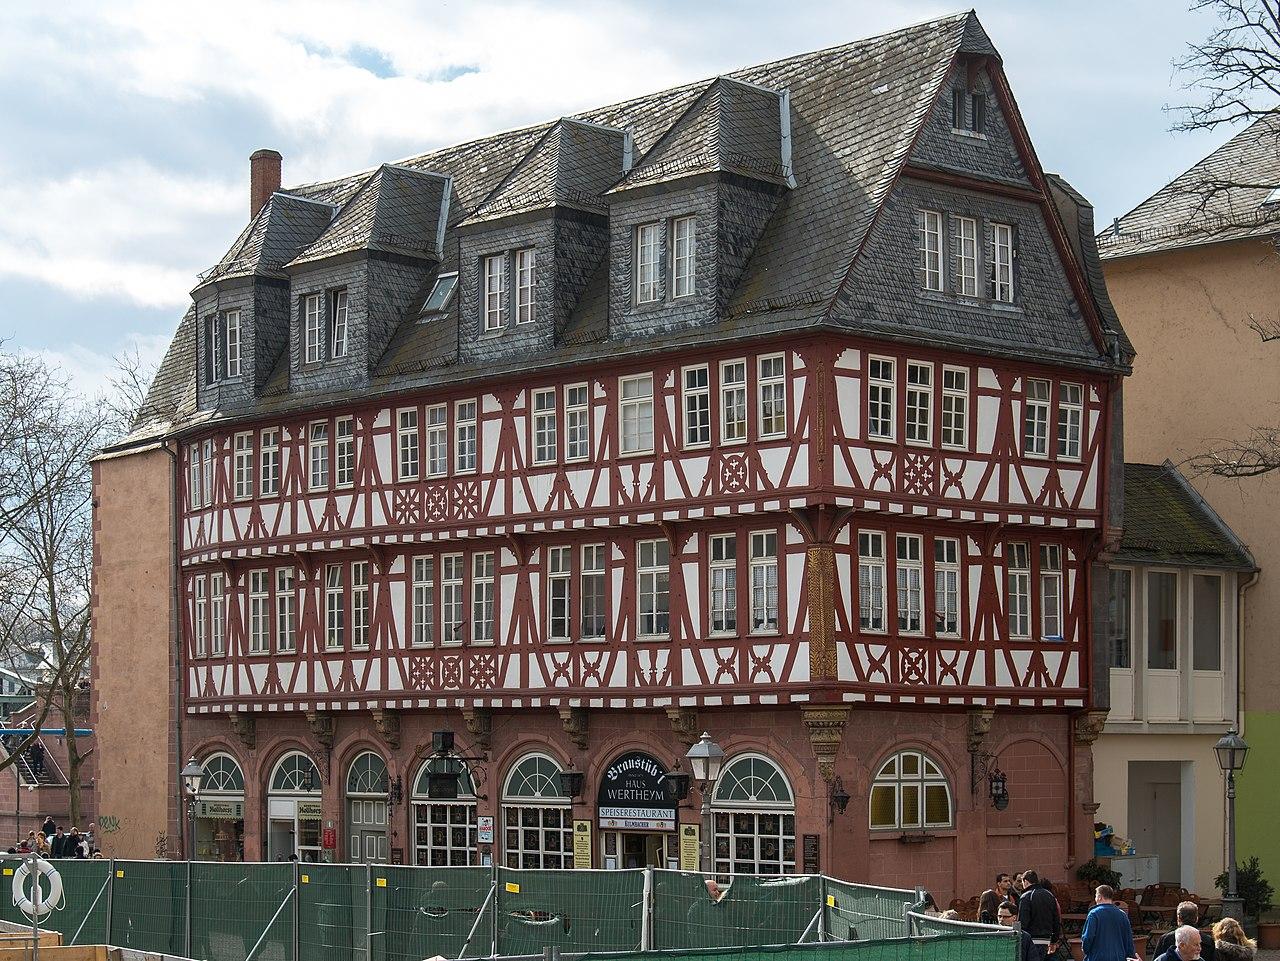 Wertheim Village Cafe Auf Dem Kopf Essen